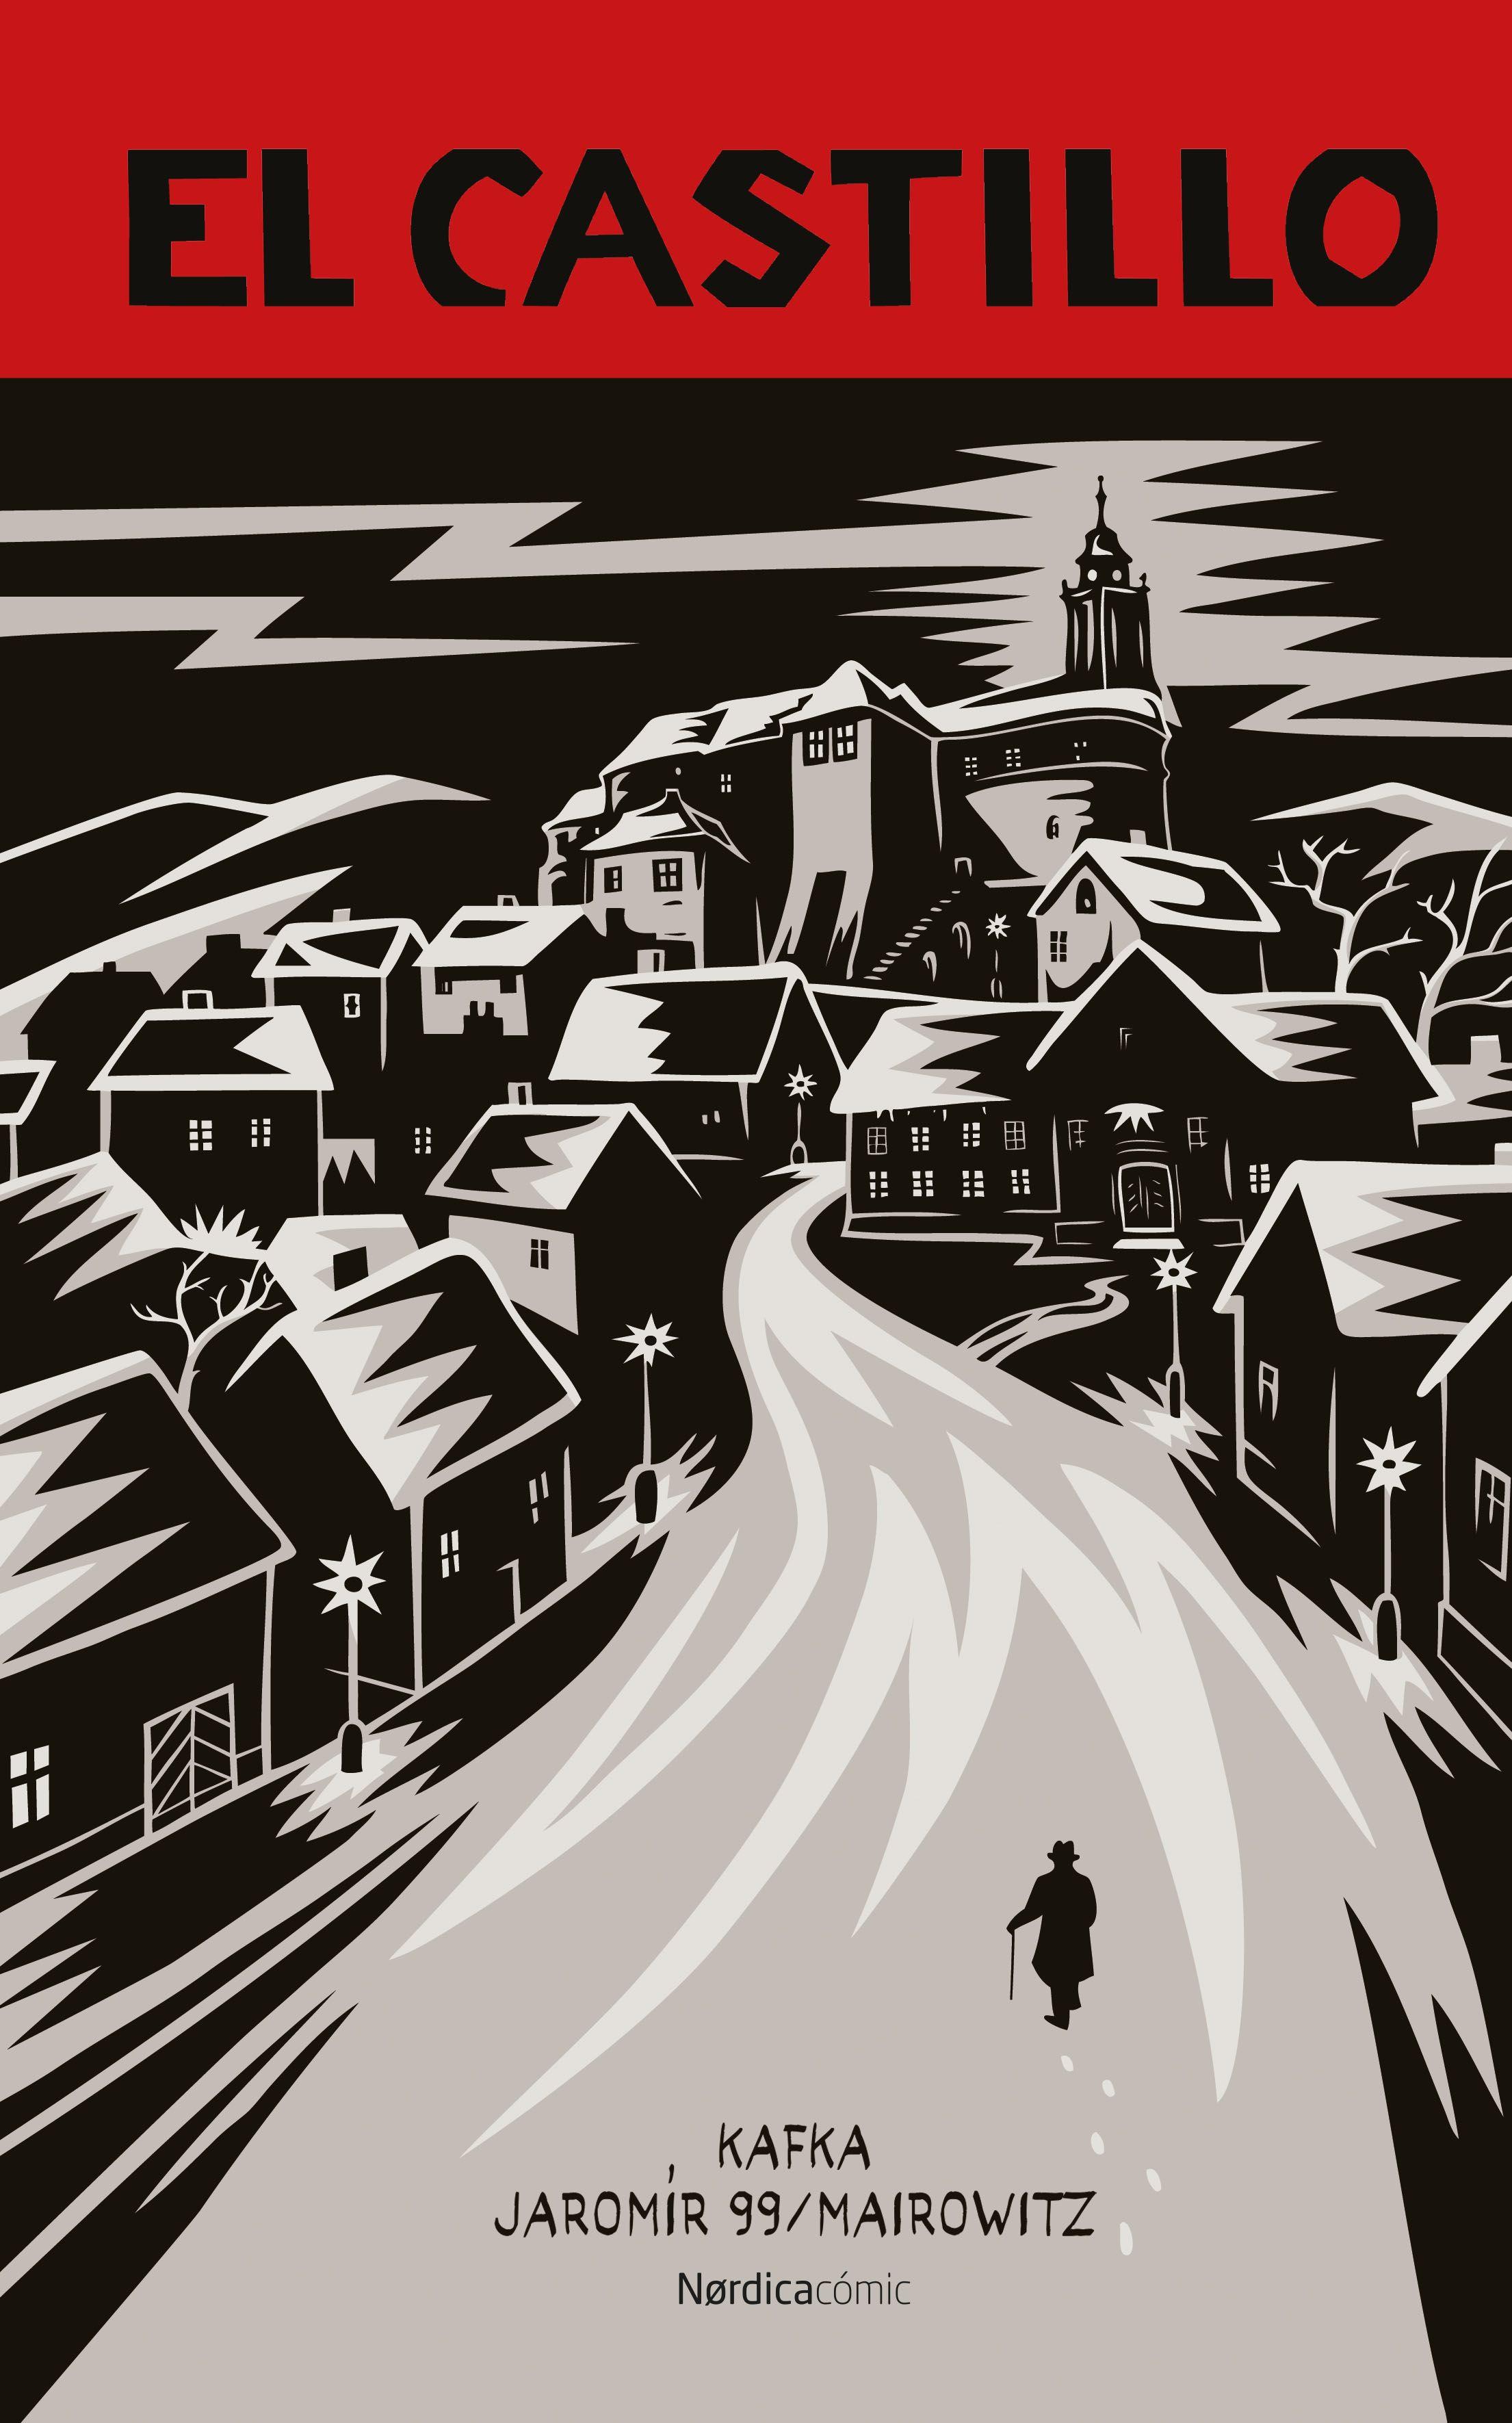 'El castillo', de Kafka. Novela gráfica dibujada por Jaromír 99 con guión de David Zane Mairowitz.